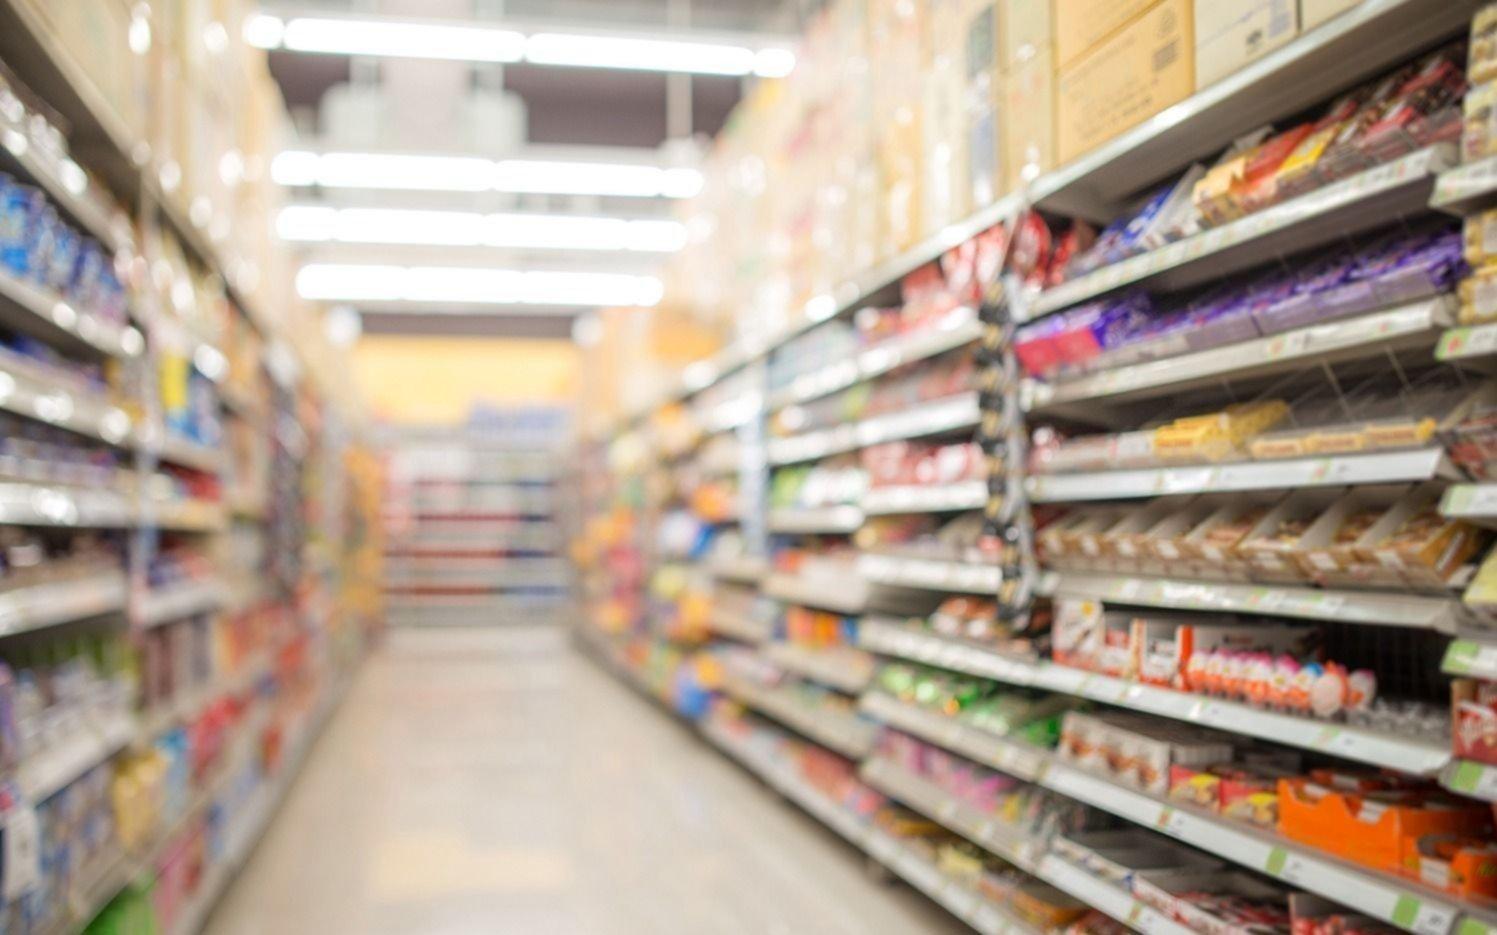 La inflación de febrero fue de 3,8% y acumula 51,3% en 12 meses